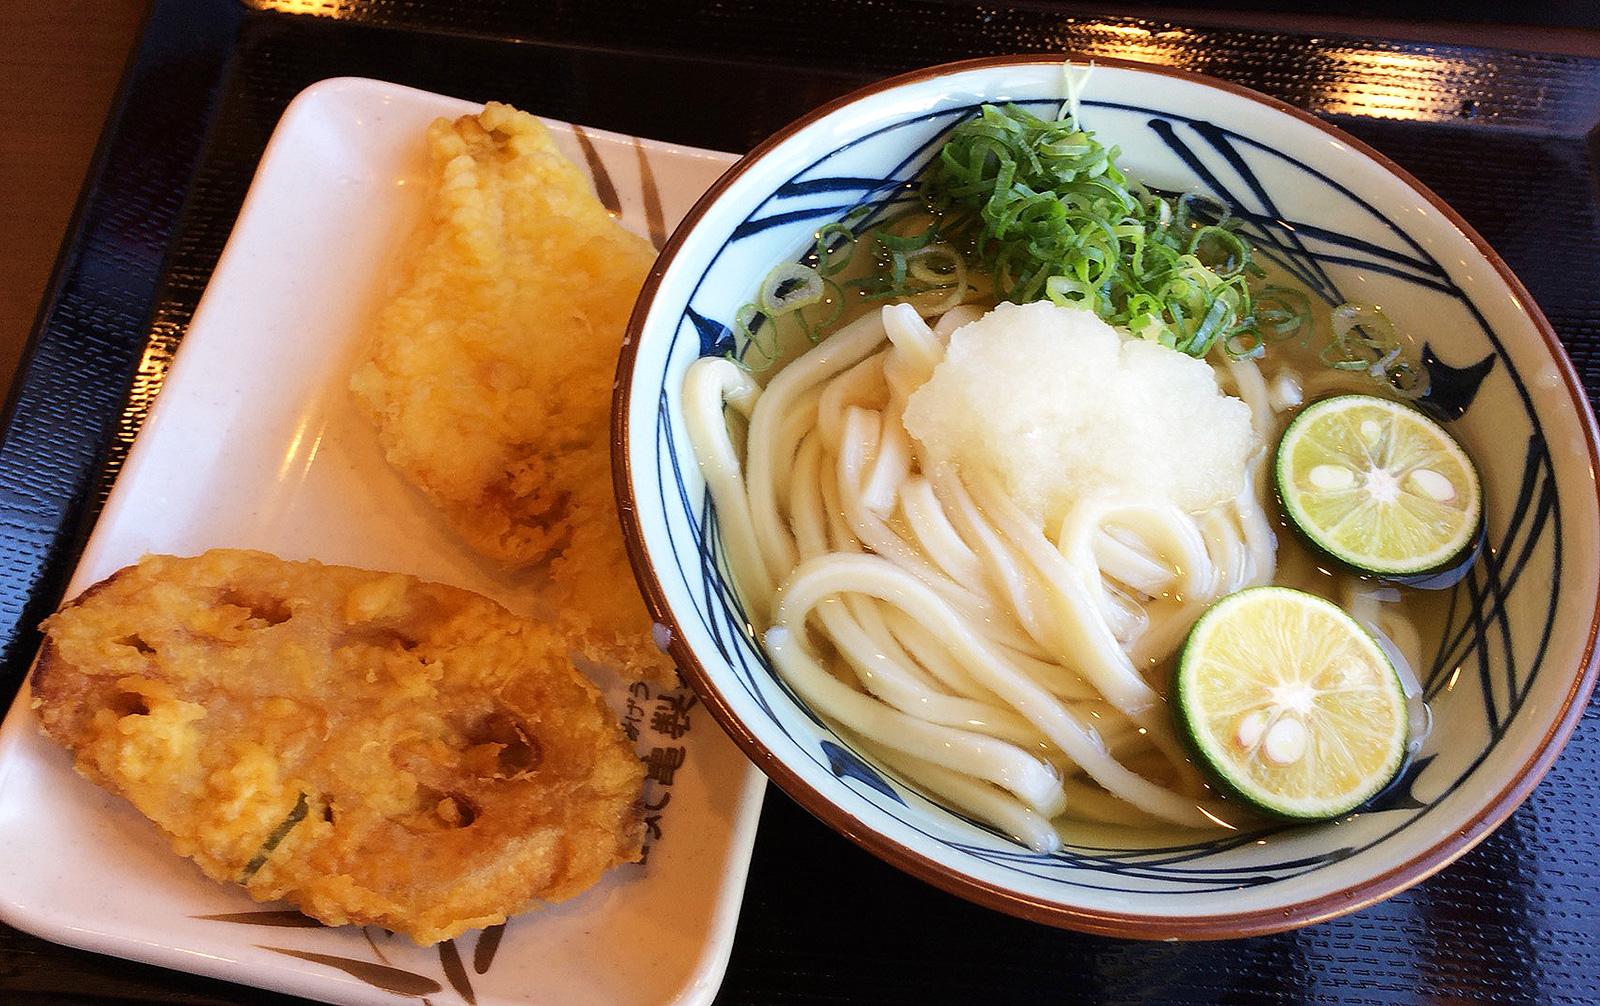 「丸亀製麺 名古屋丸の内店」のおろし冷やかけうどんとかれい天 @丸の内